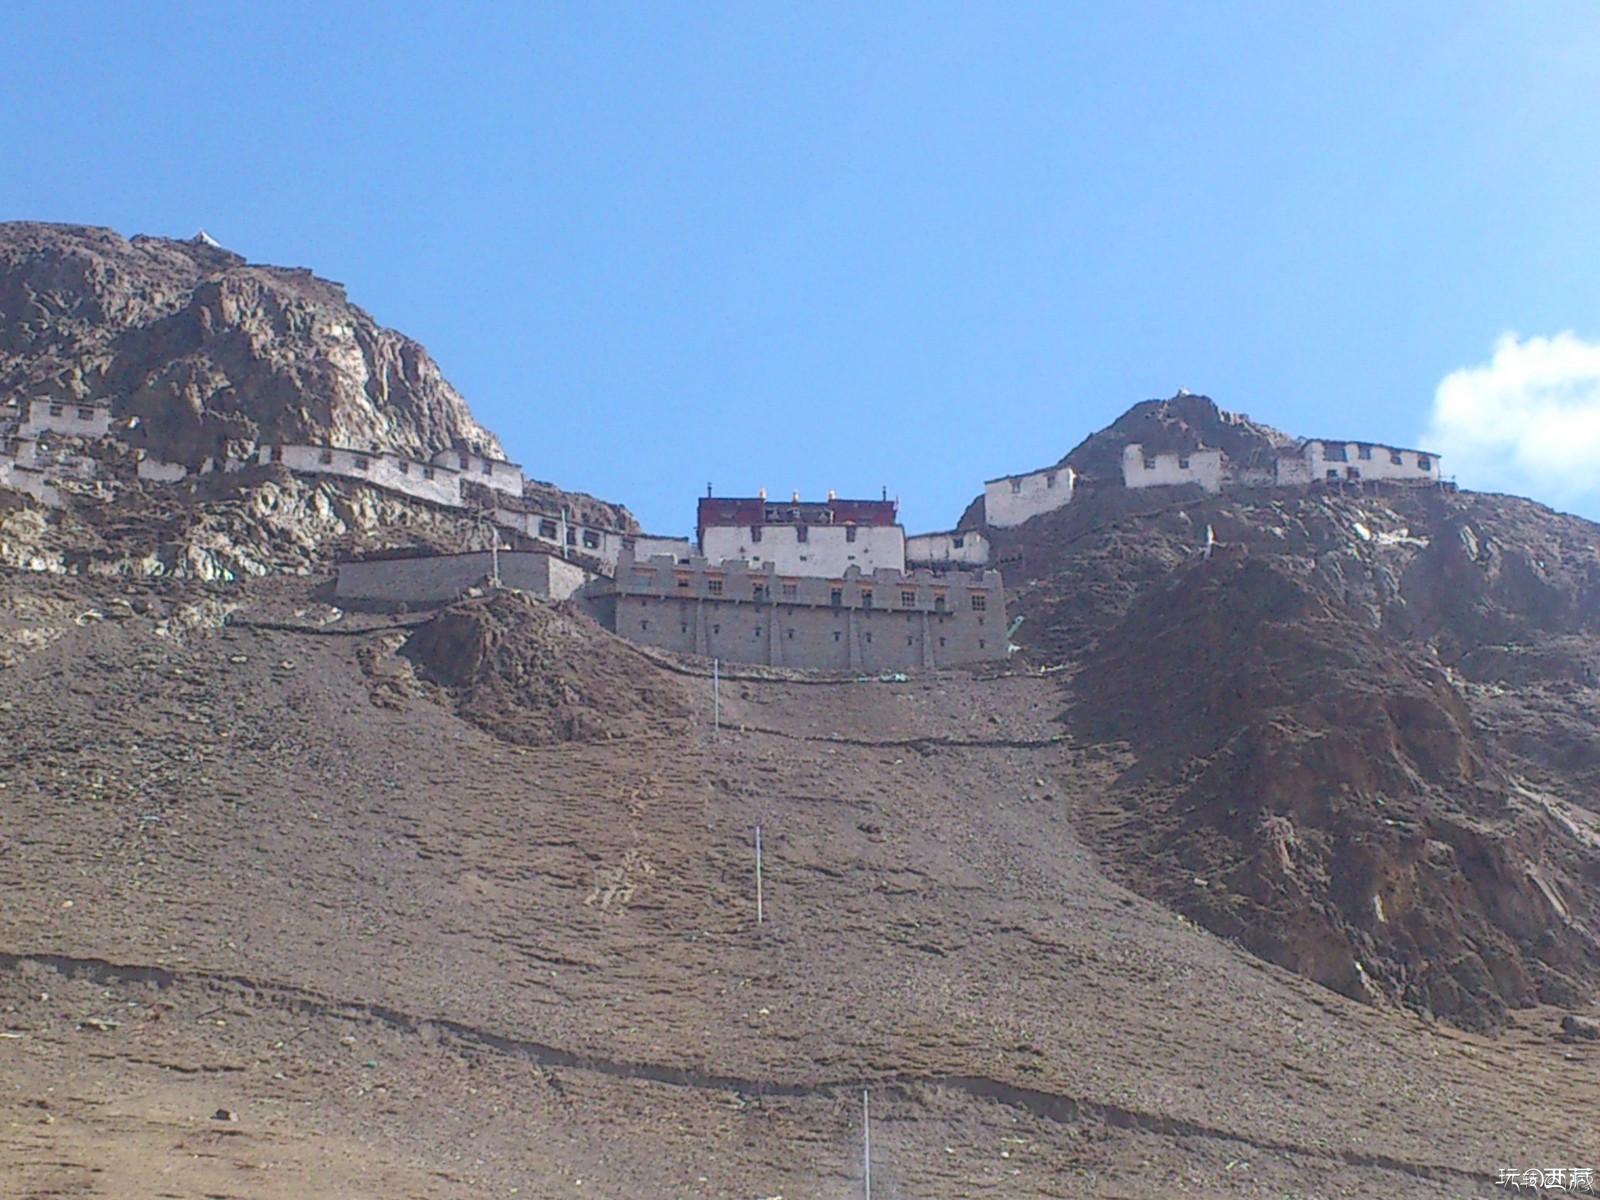 西藏那曲景点-嘉黎县,西藏,景点,那曲